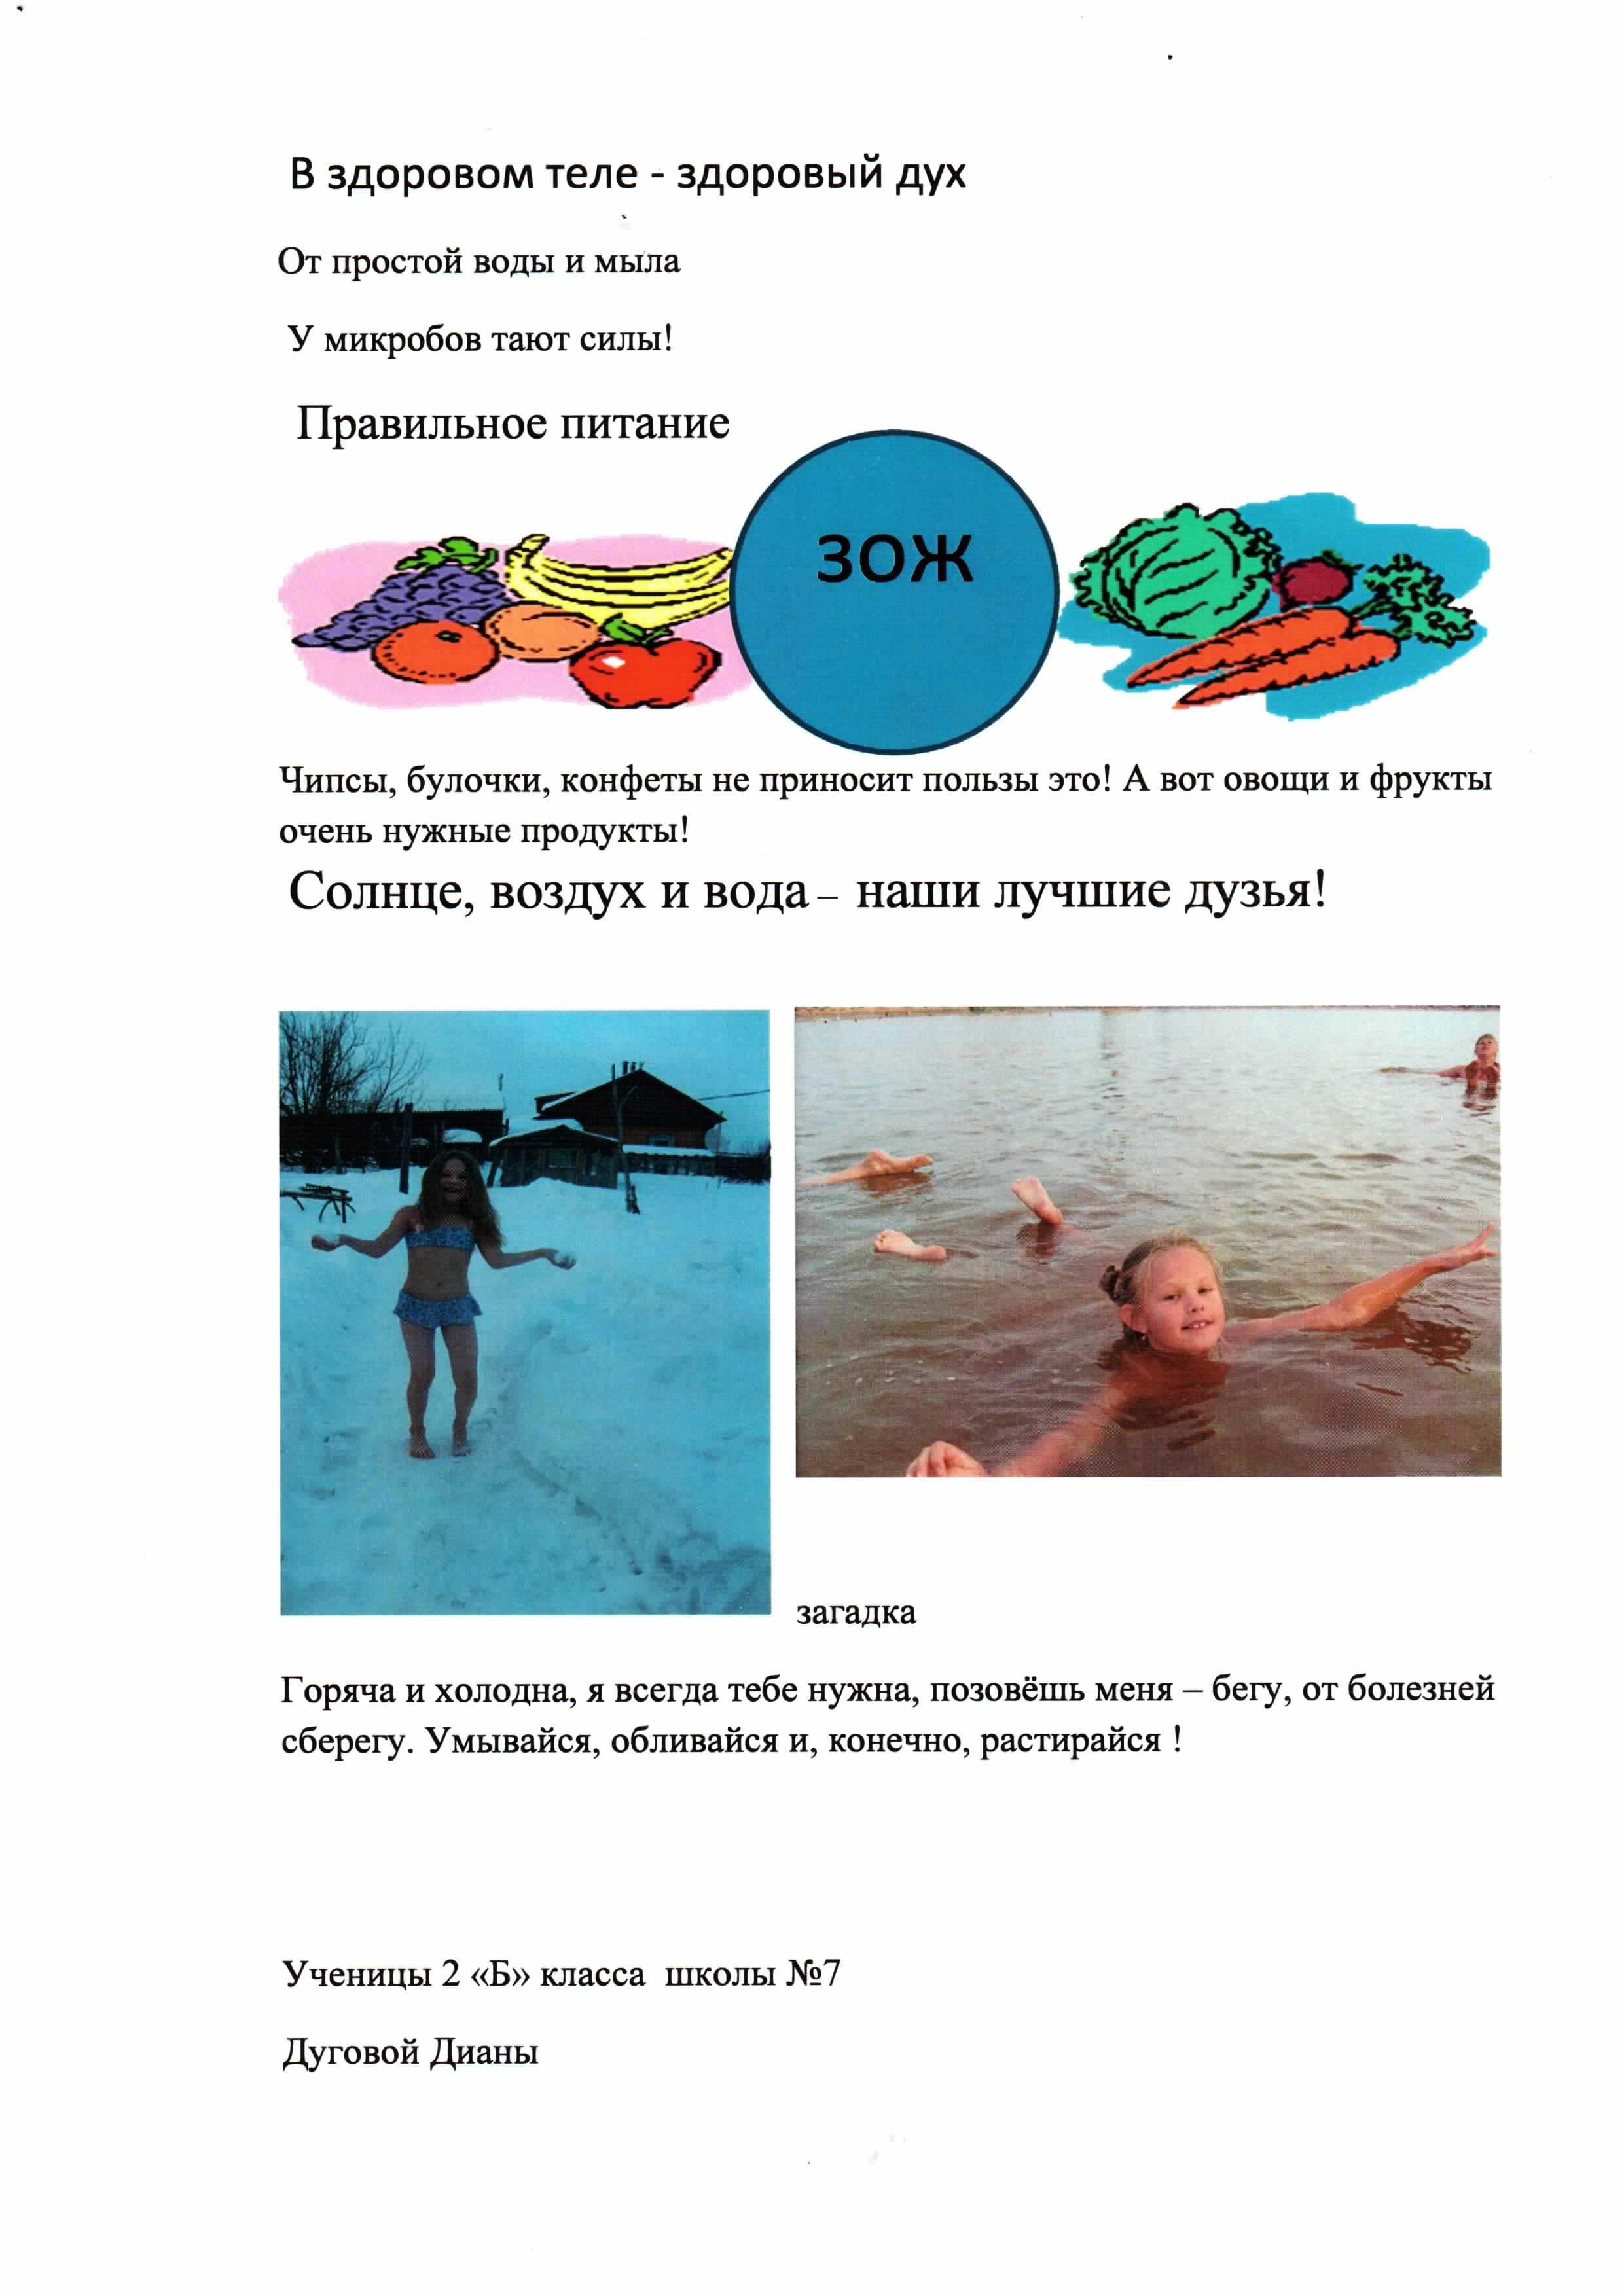 C:\Users\Татьяна\Desktop\Коллективный проект-Мы за здоровый образ жизни\Семья руговых.jpg